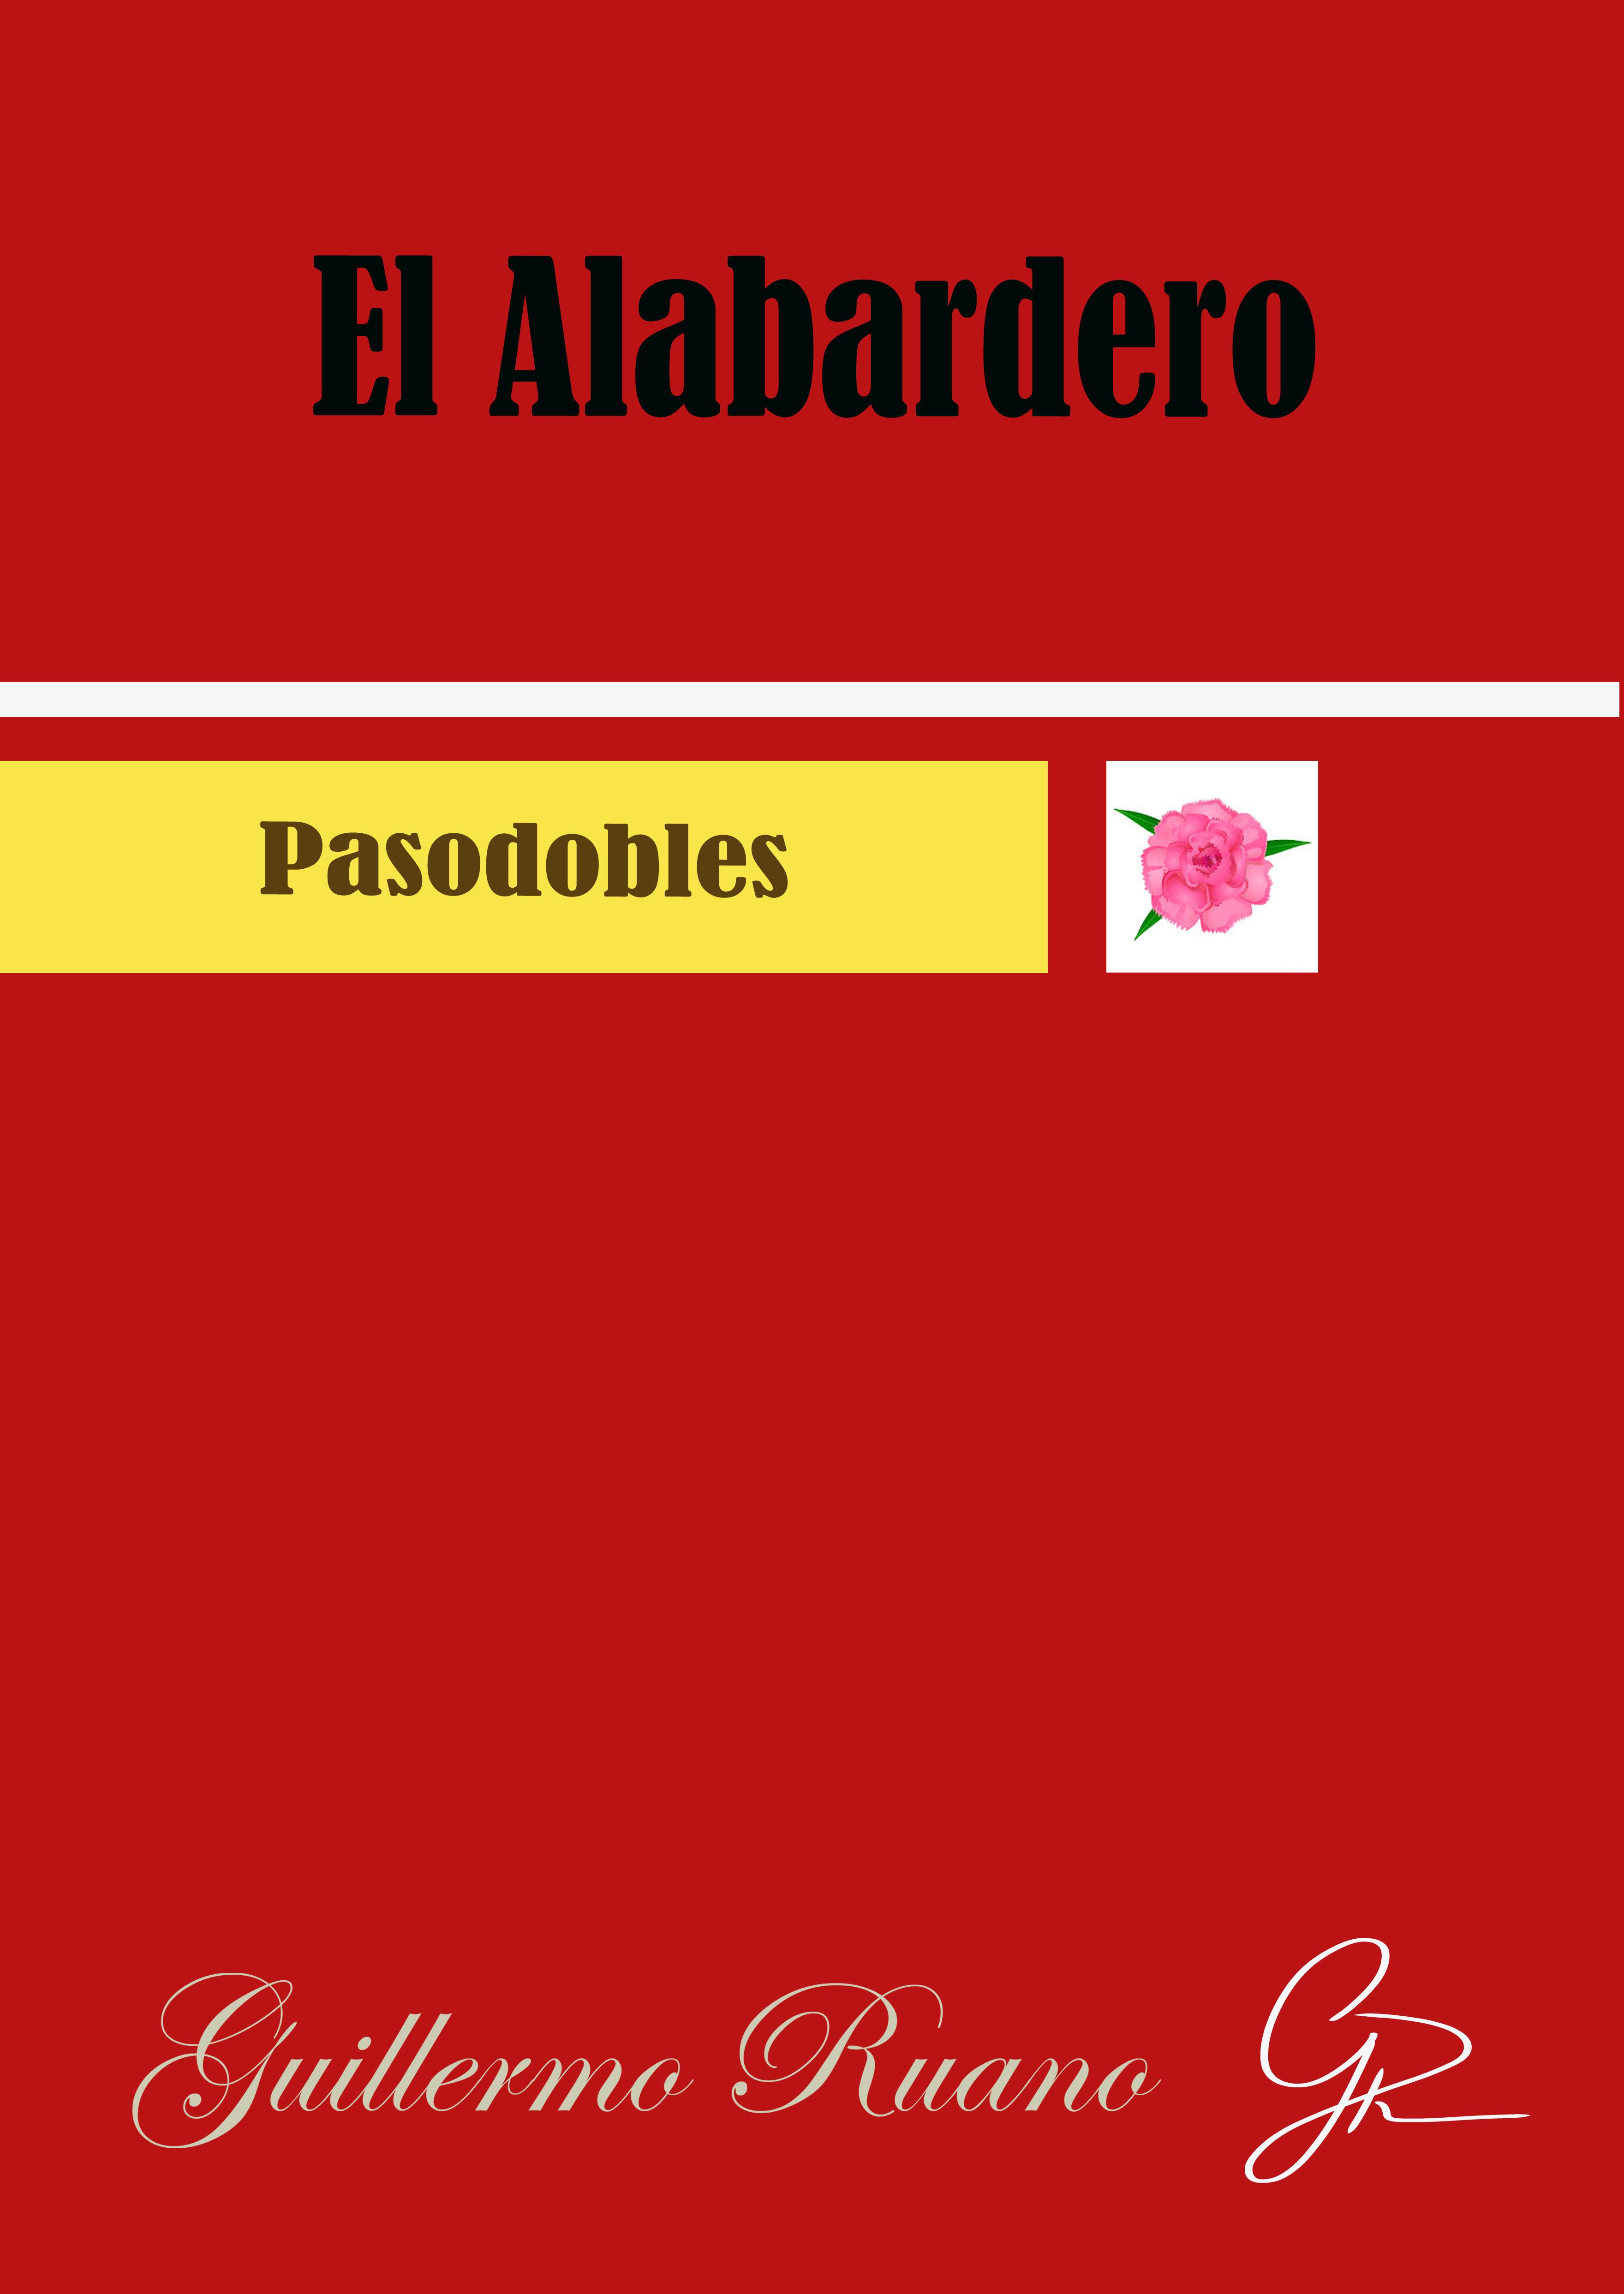 El Alabardero